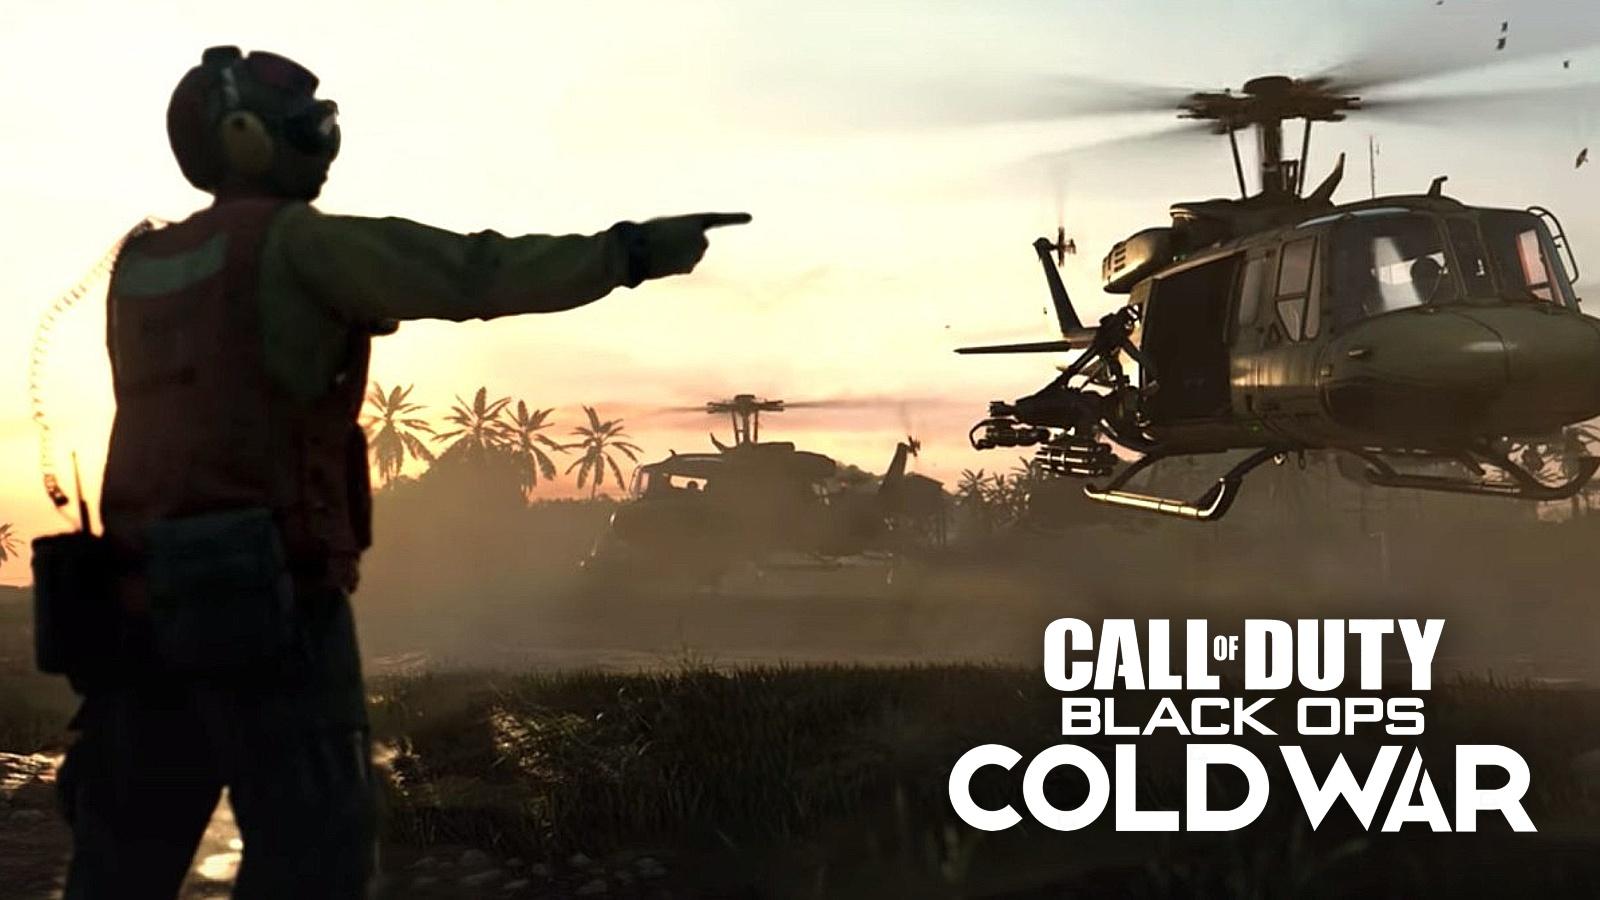 Black Ops Cold War chopper gunner streaks